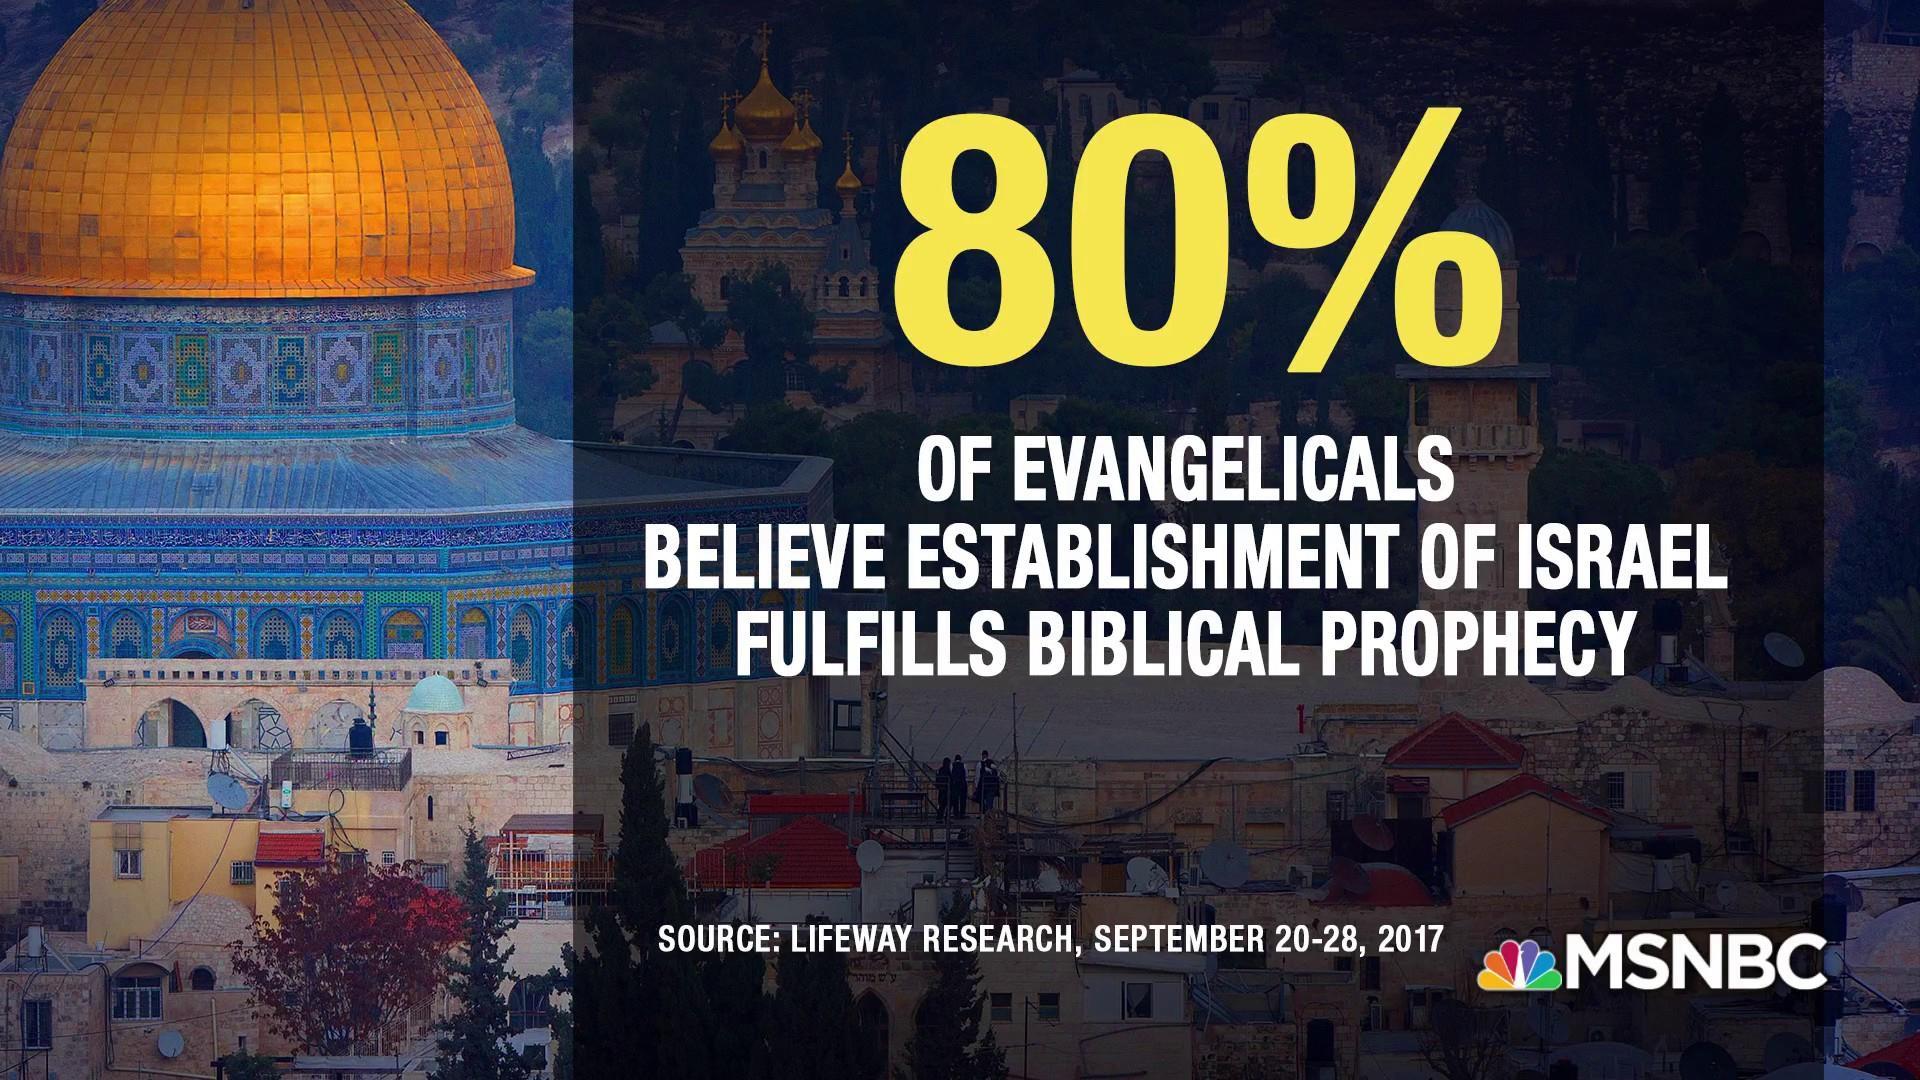 Religious reformer Frank Schaeffer on 'moron fringe' evangelicals